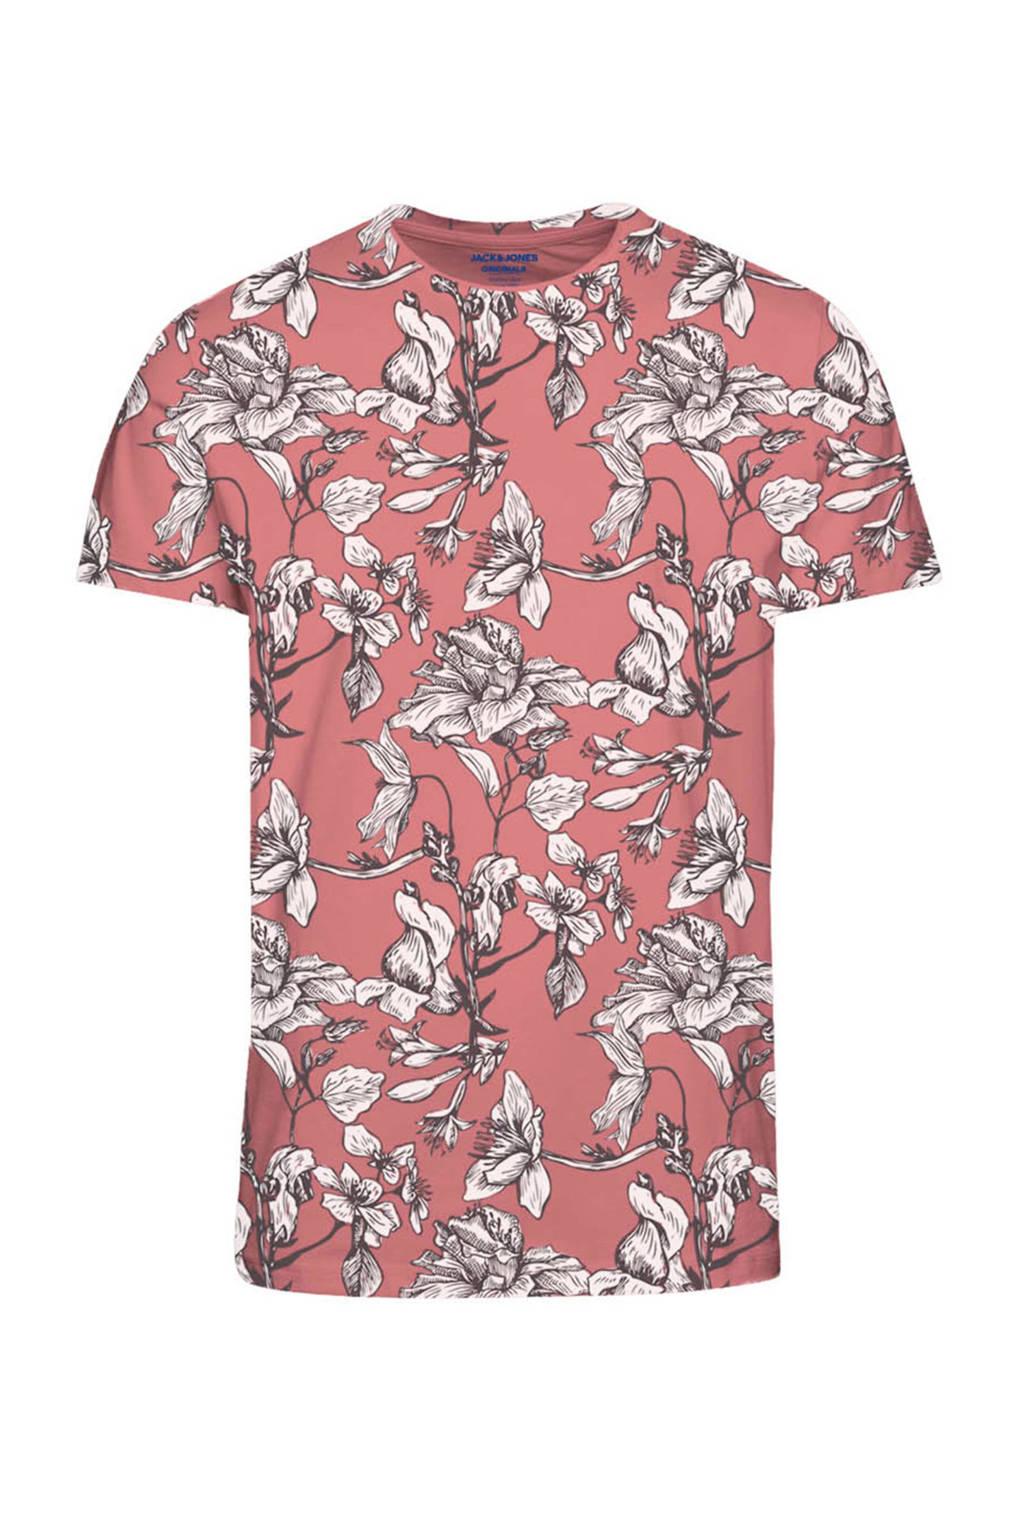 JACK & JONES ORIGINALS gebloemd T-shirt oudroze, Roze